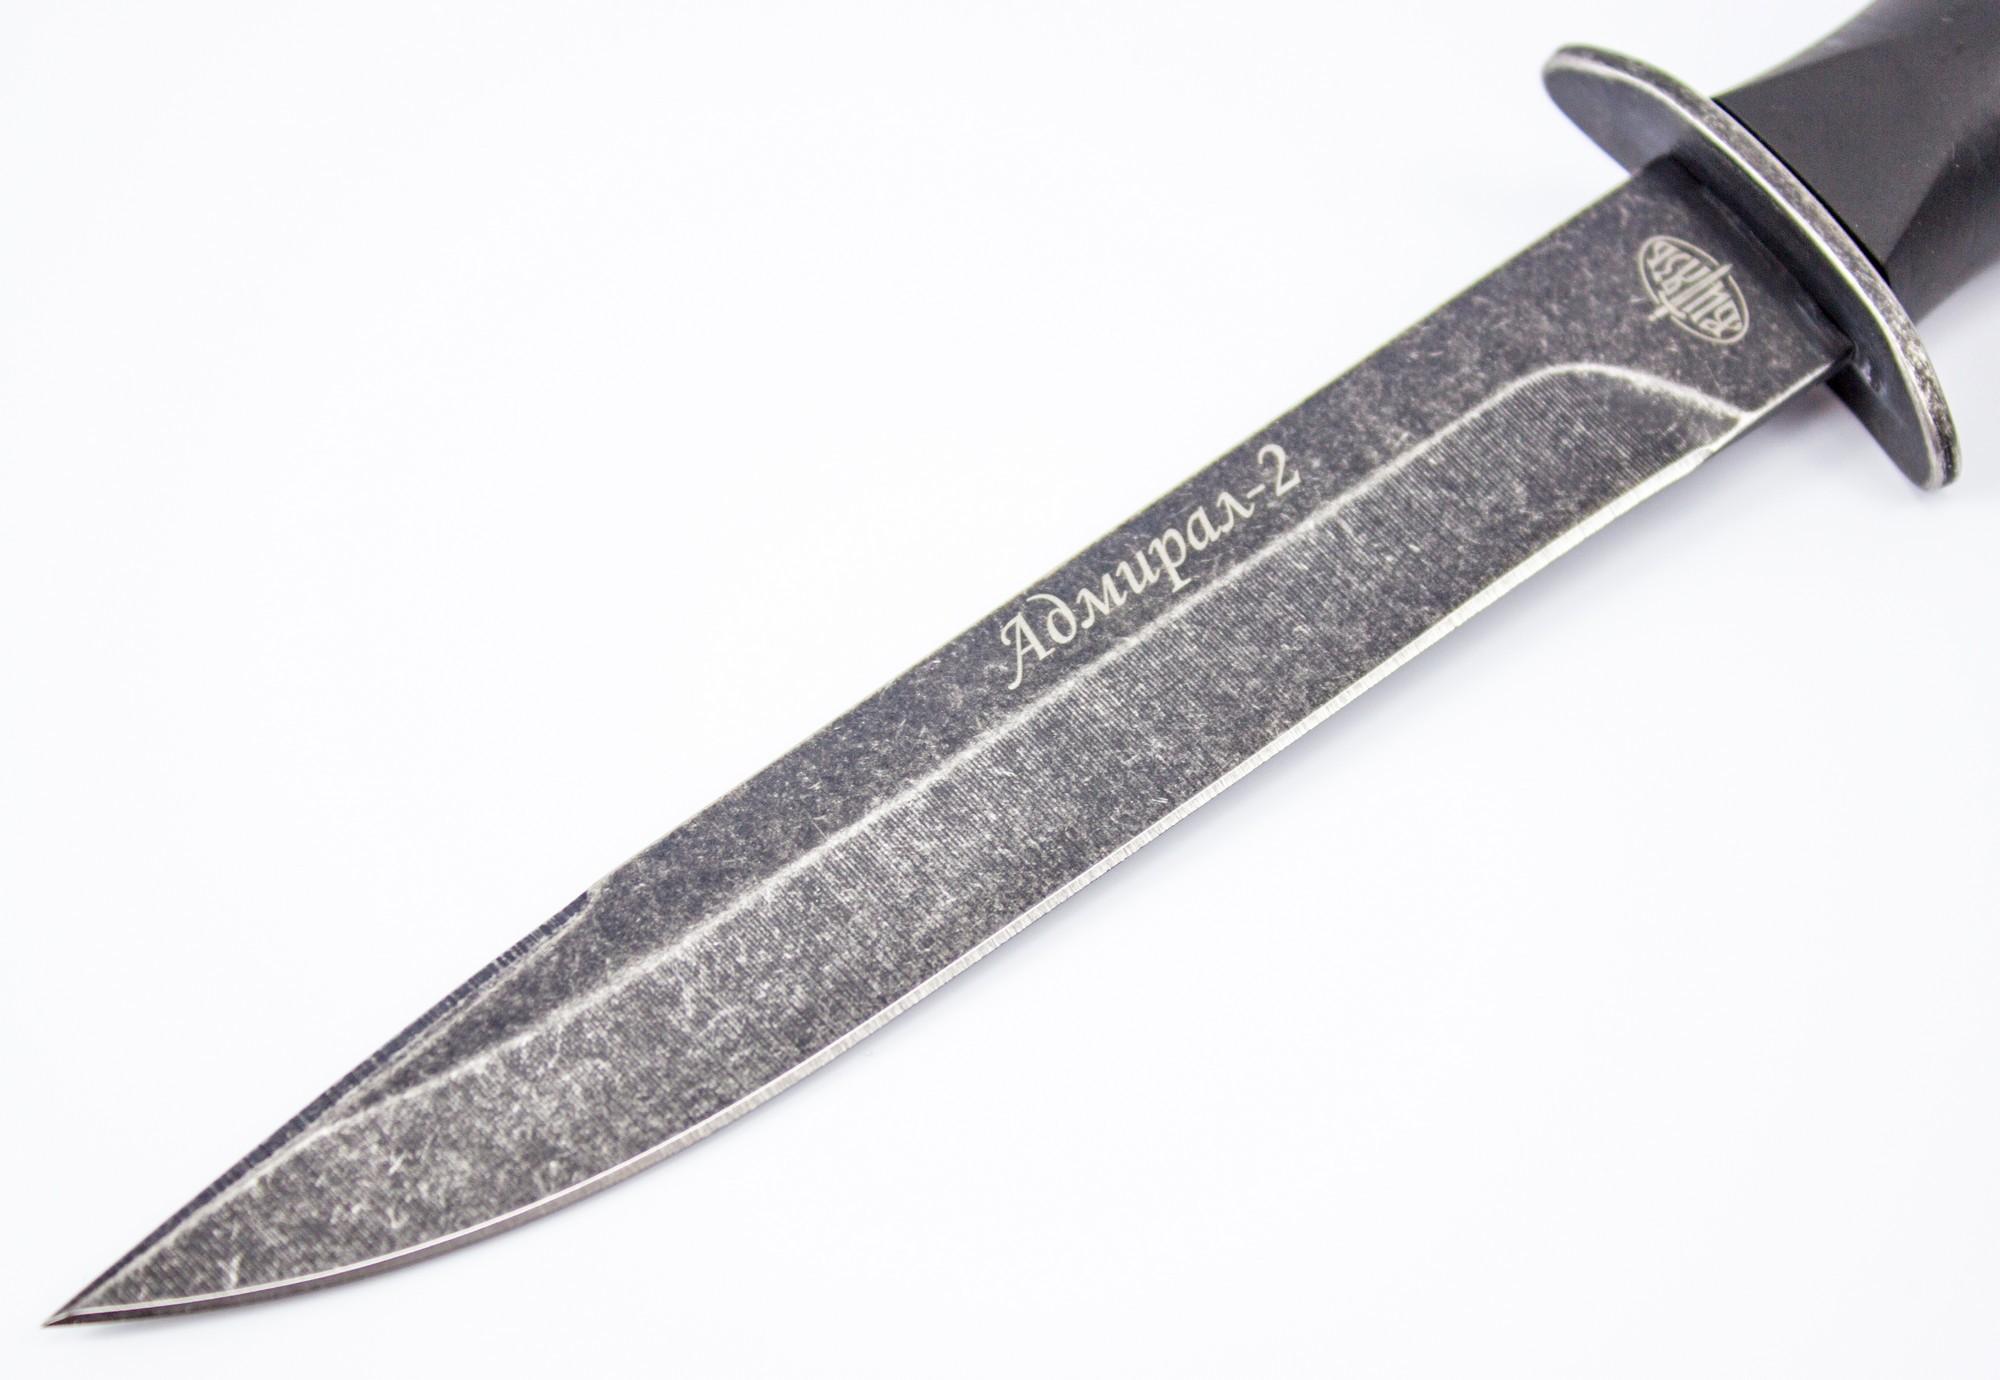 Фото 3 - Нож Адмирал-2 от Витязь